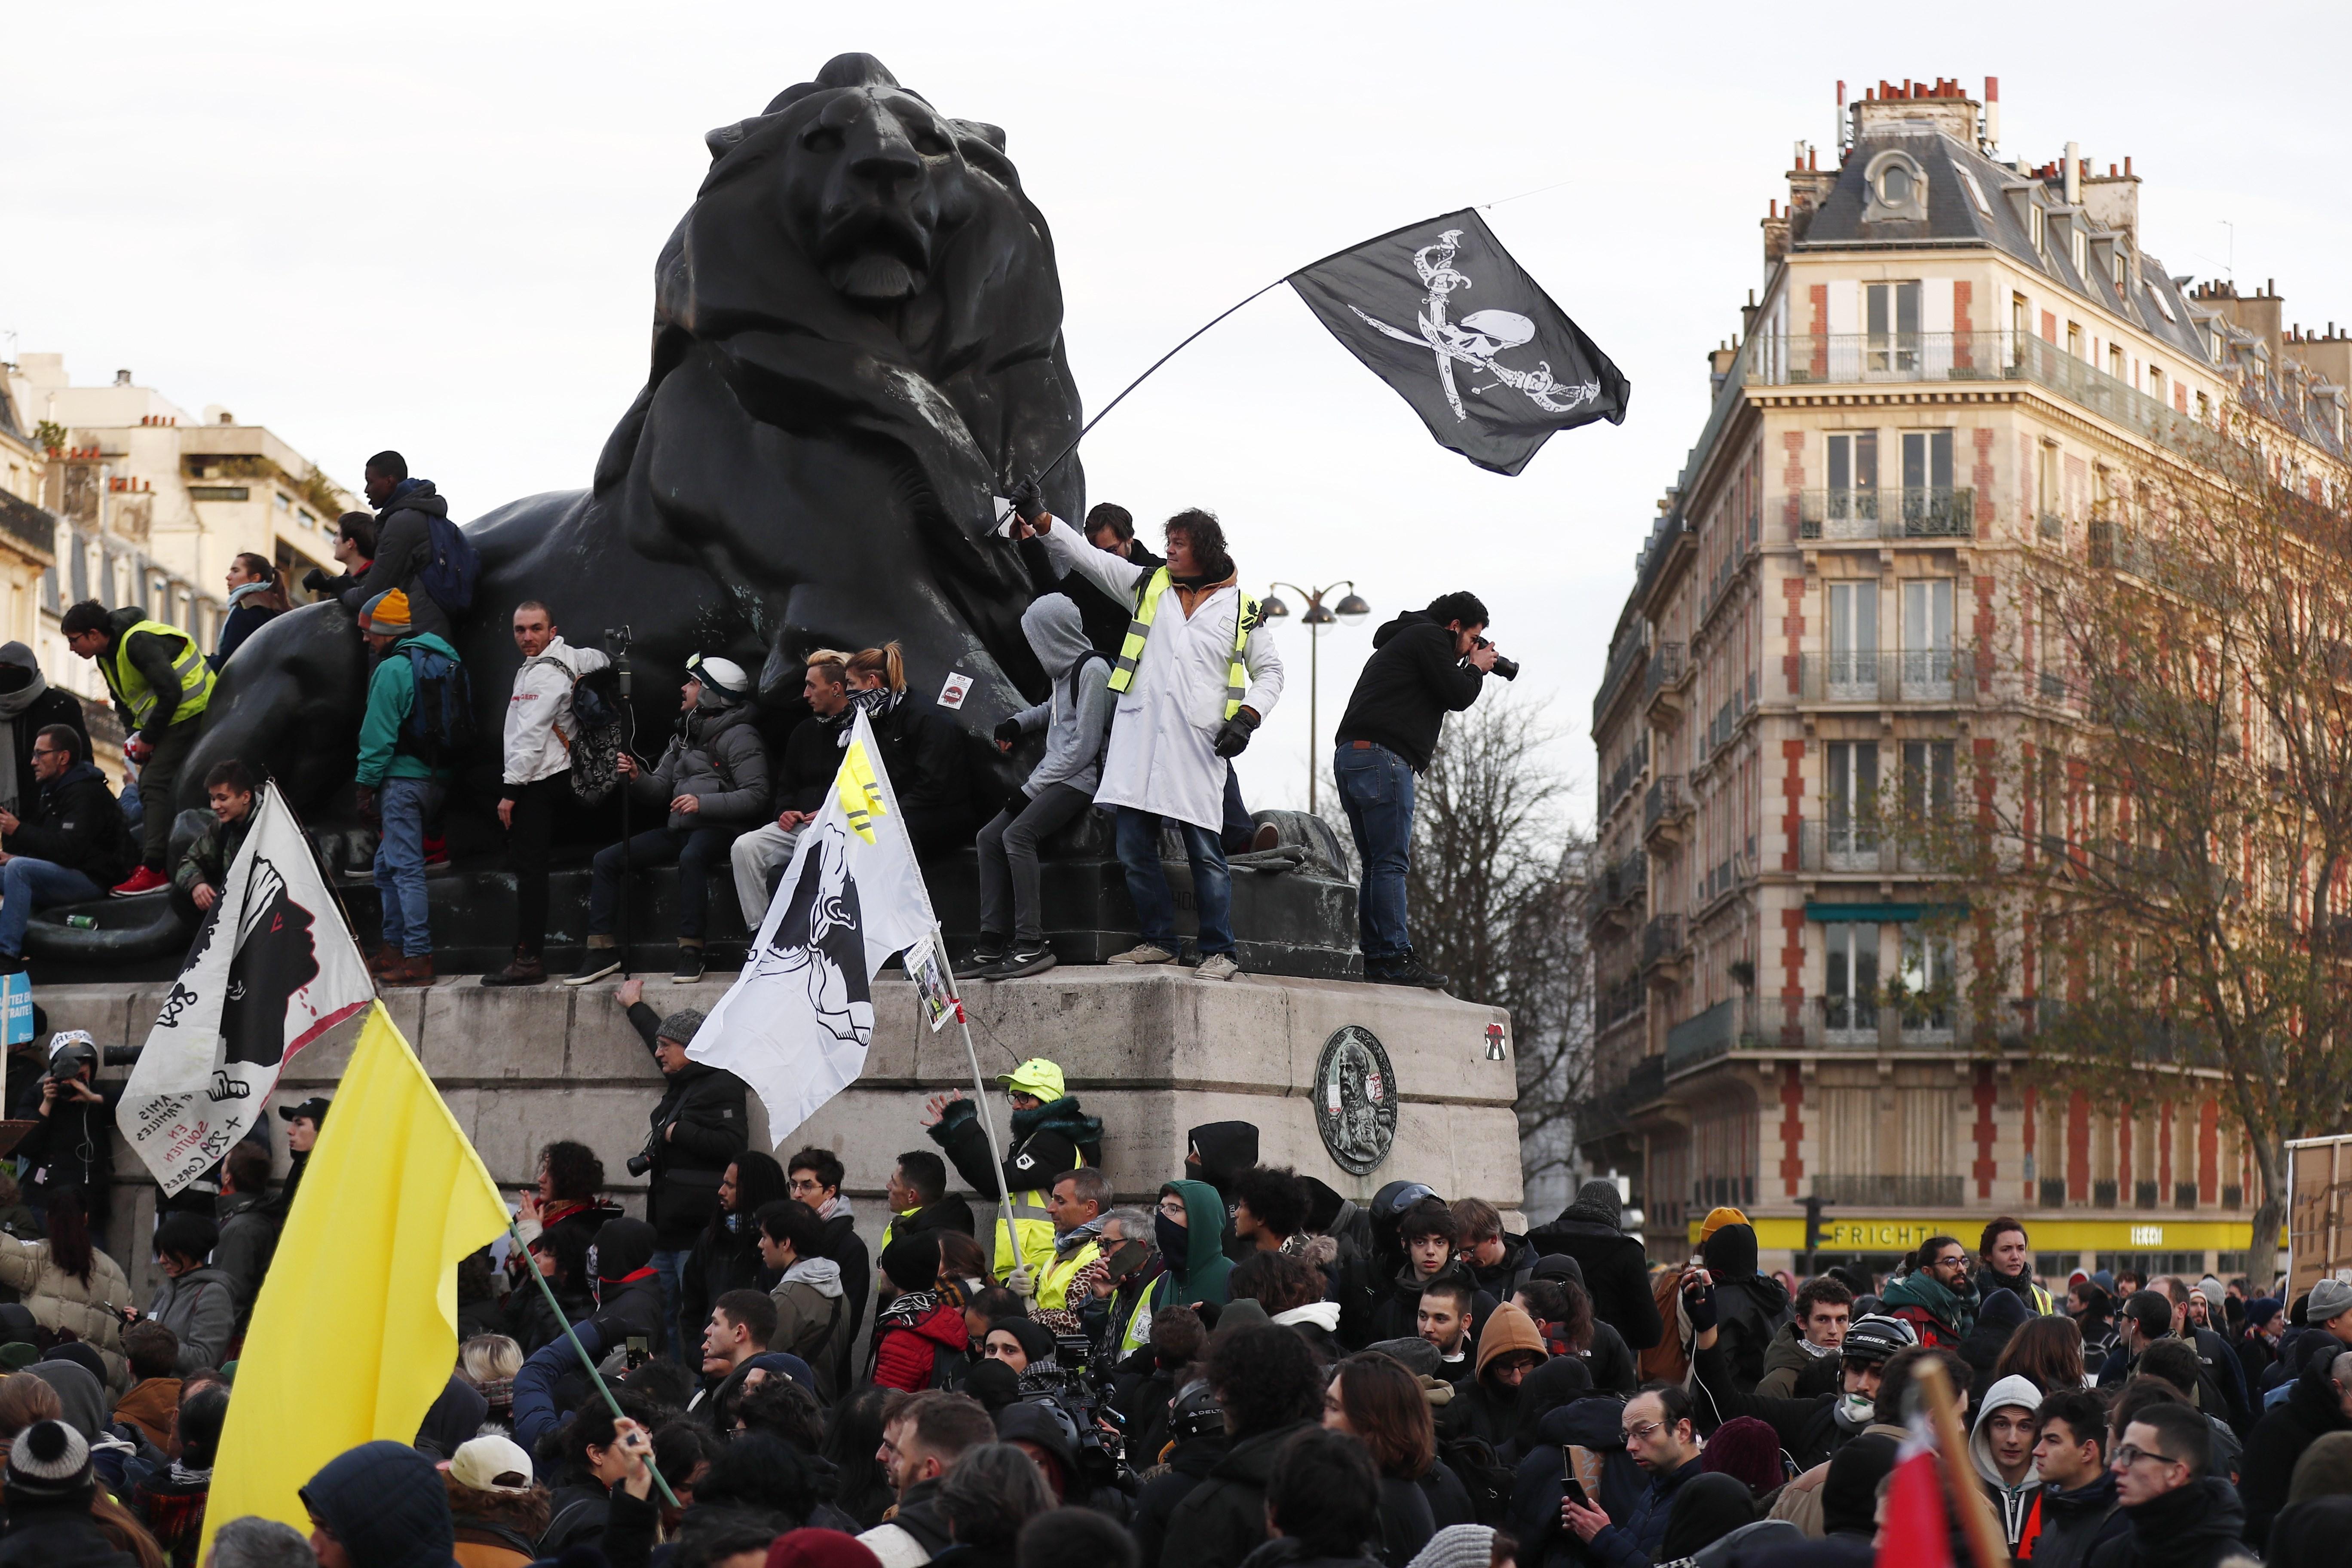 La movilización contra Macron se desinfla